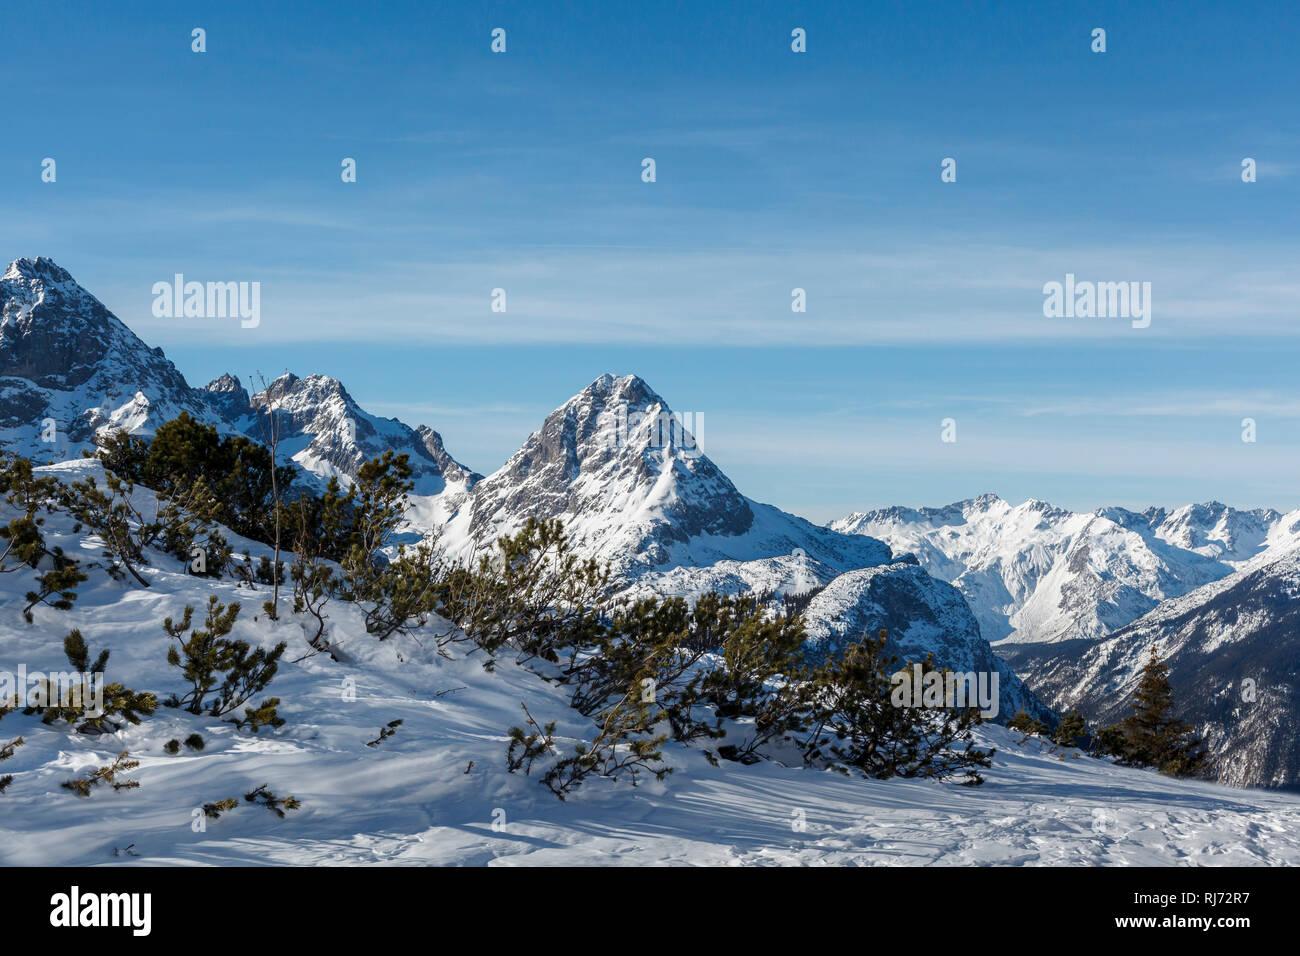 Blick in die Berge, schneebedeckte Gipfel der Alpen, - Stock Image